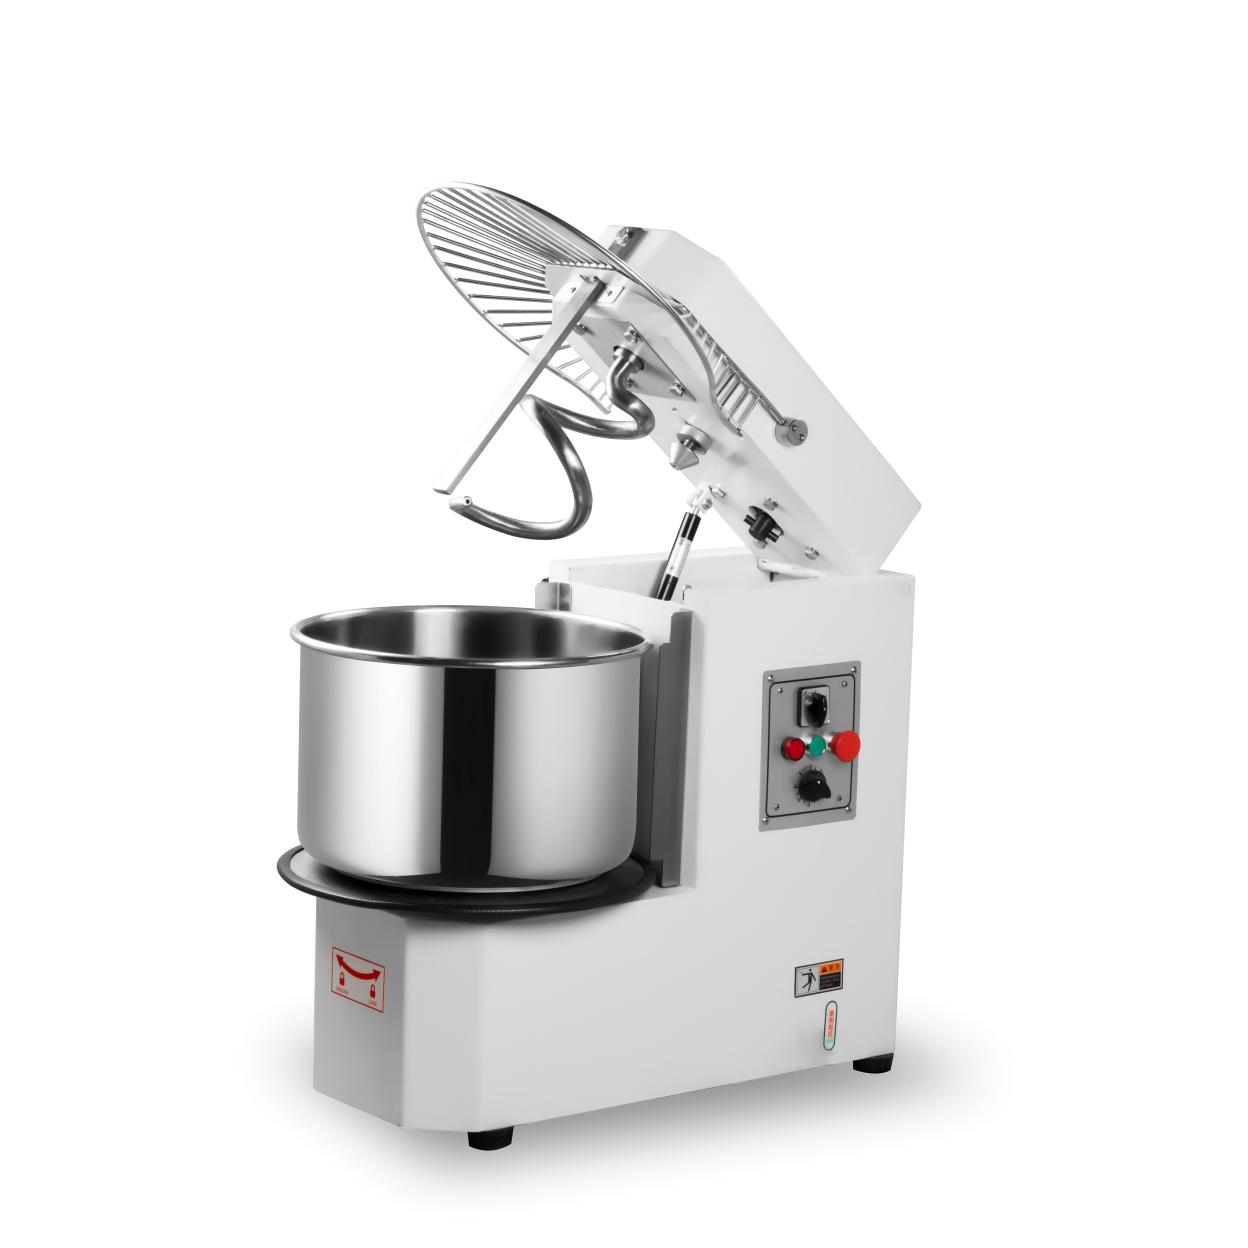 DH-T Dough Mixer